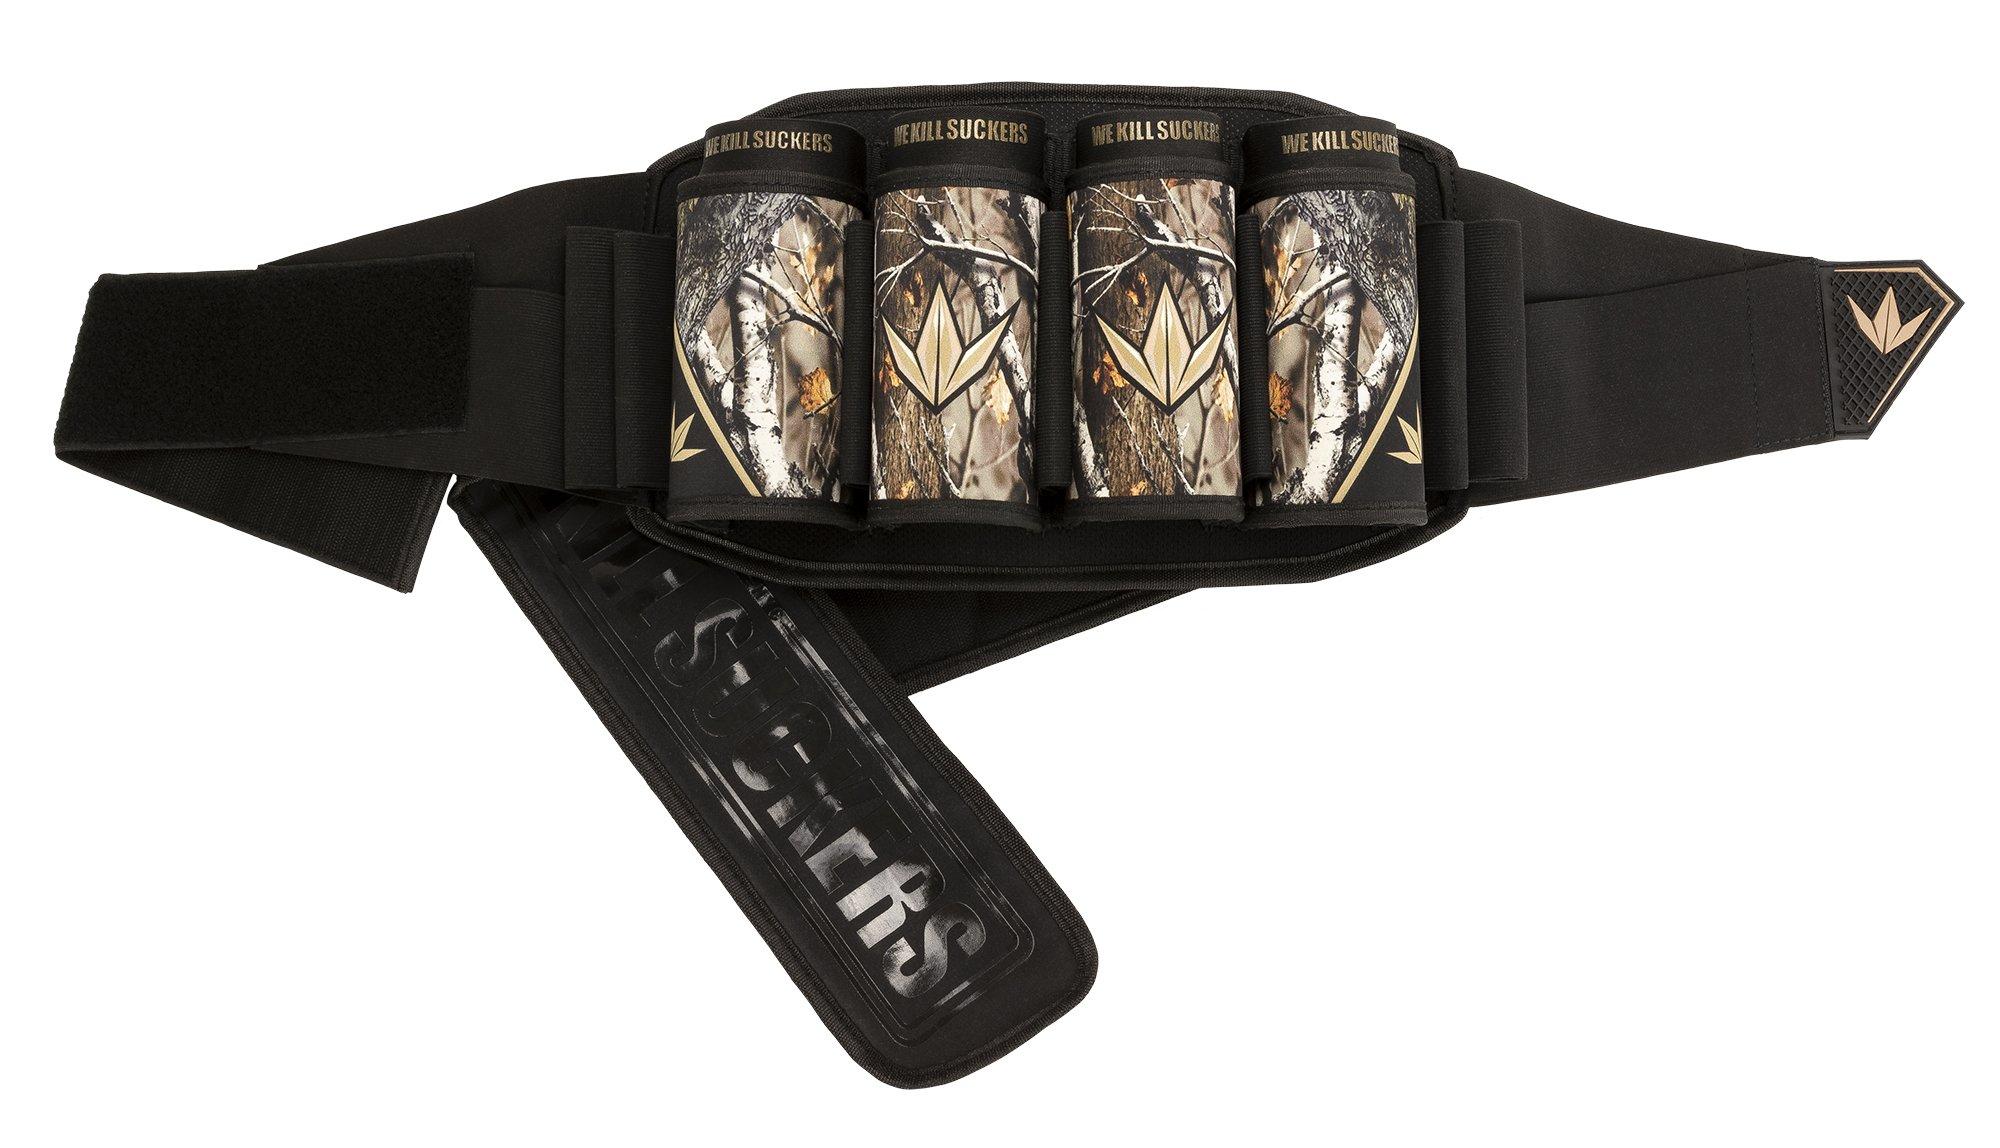 Bunker Kings V5 Supreme Pack Strapless Paintball Harness Pod Pack - 4+7 WKS Sherwood Camo by Bnkr Kings